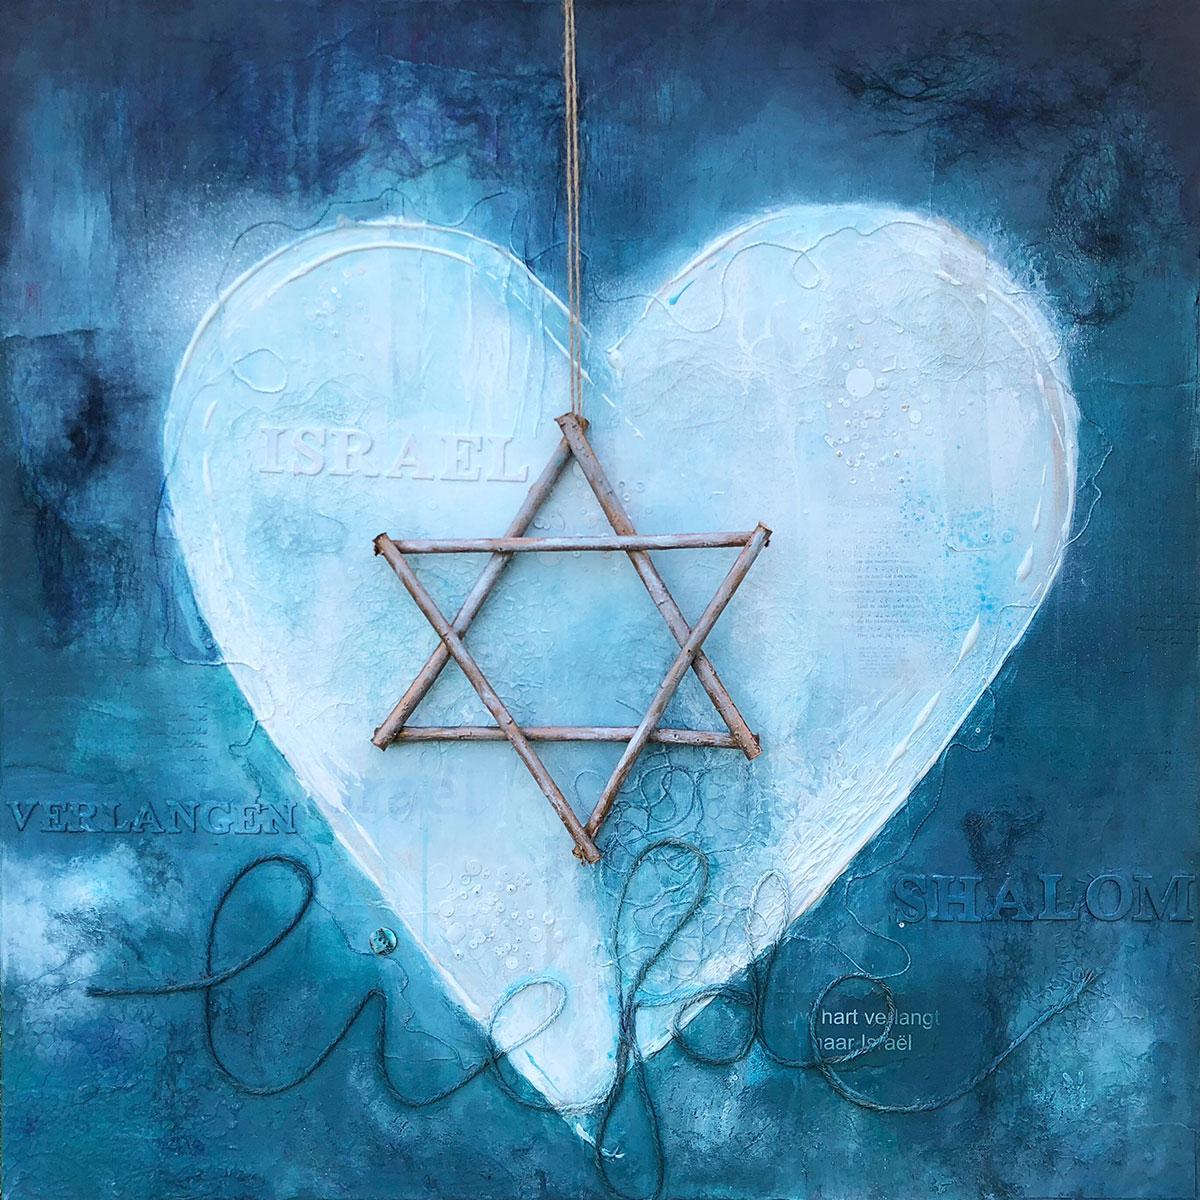 Hart Voor Israël